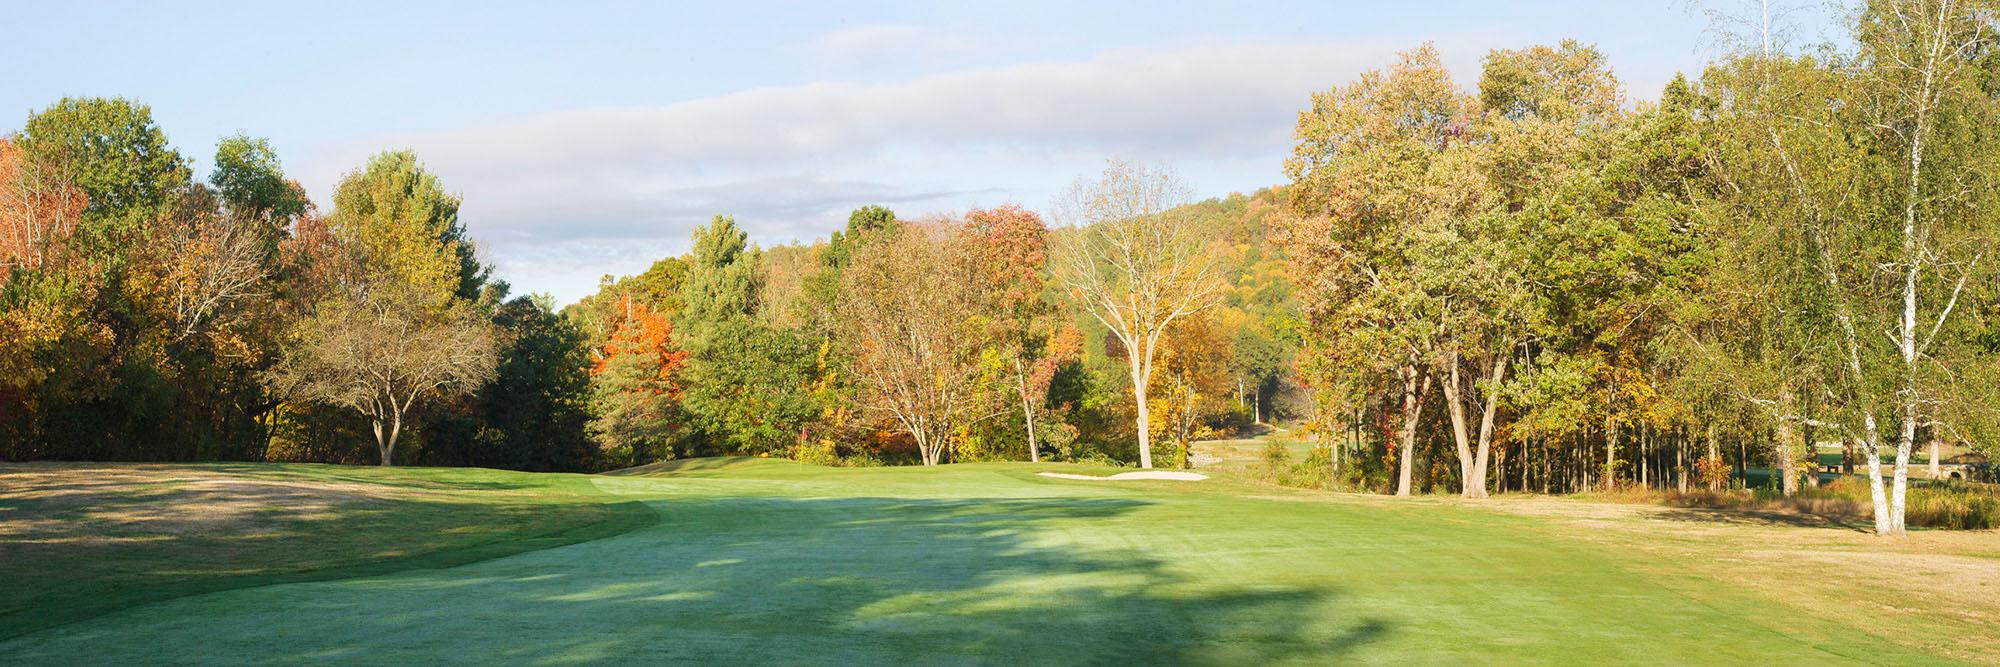 Golf Course Image - The Tuxedo Club No. 12